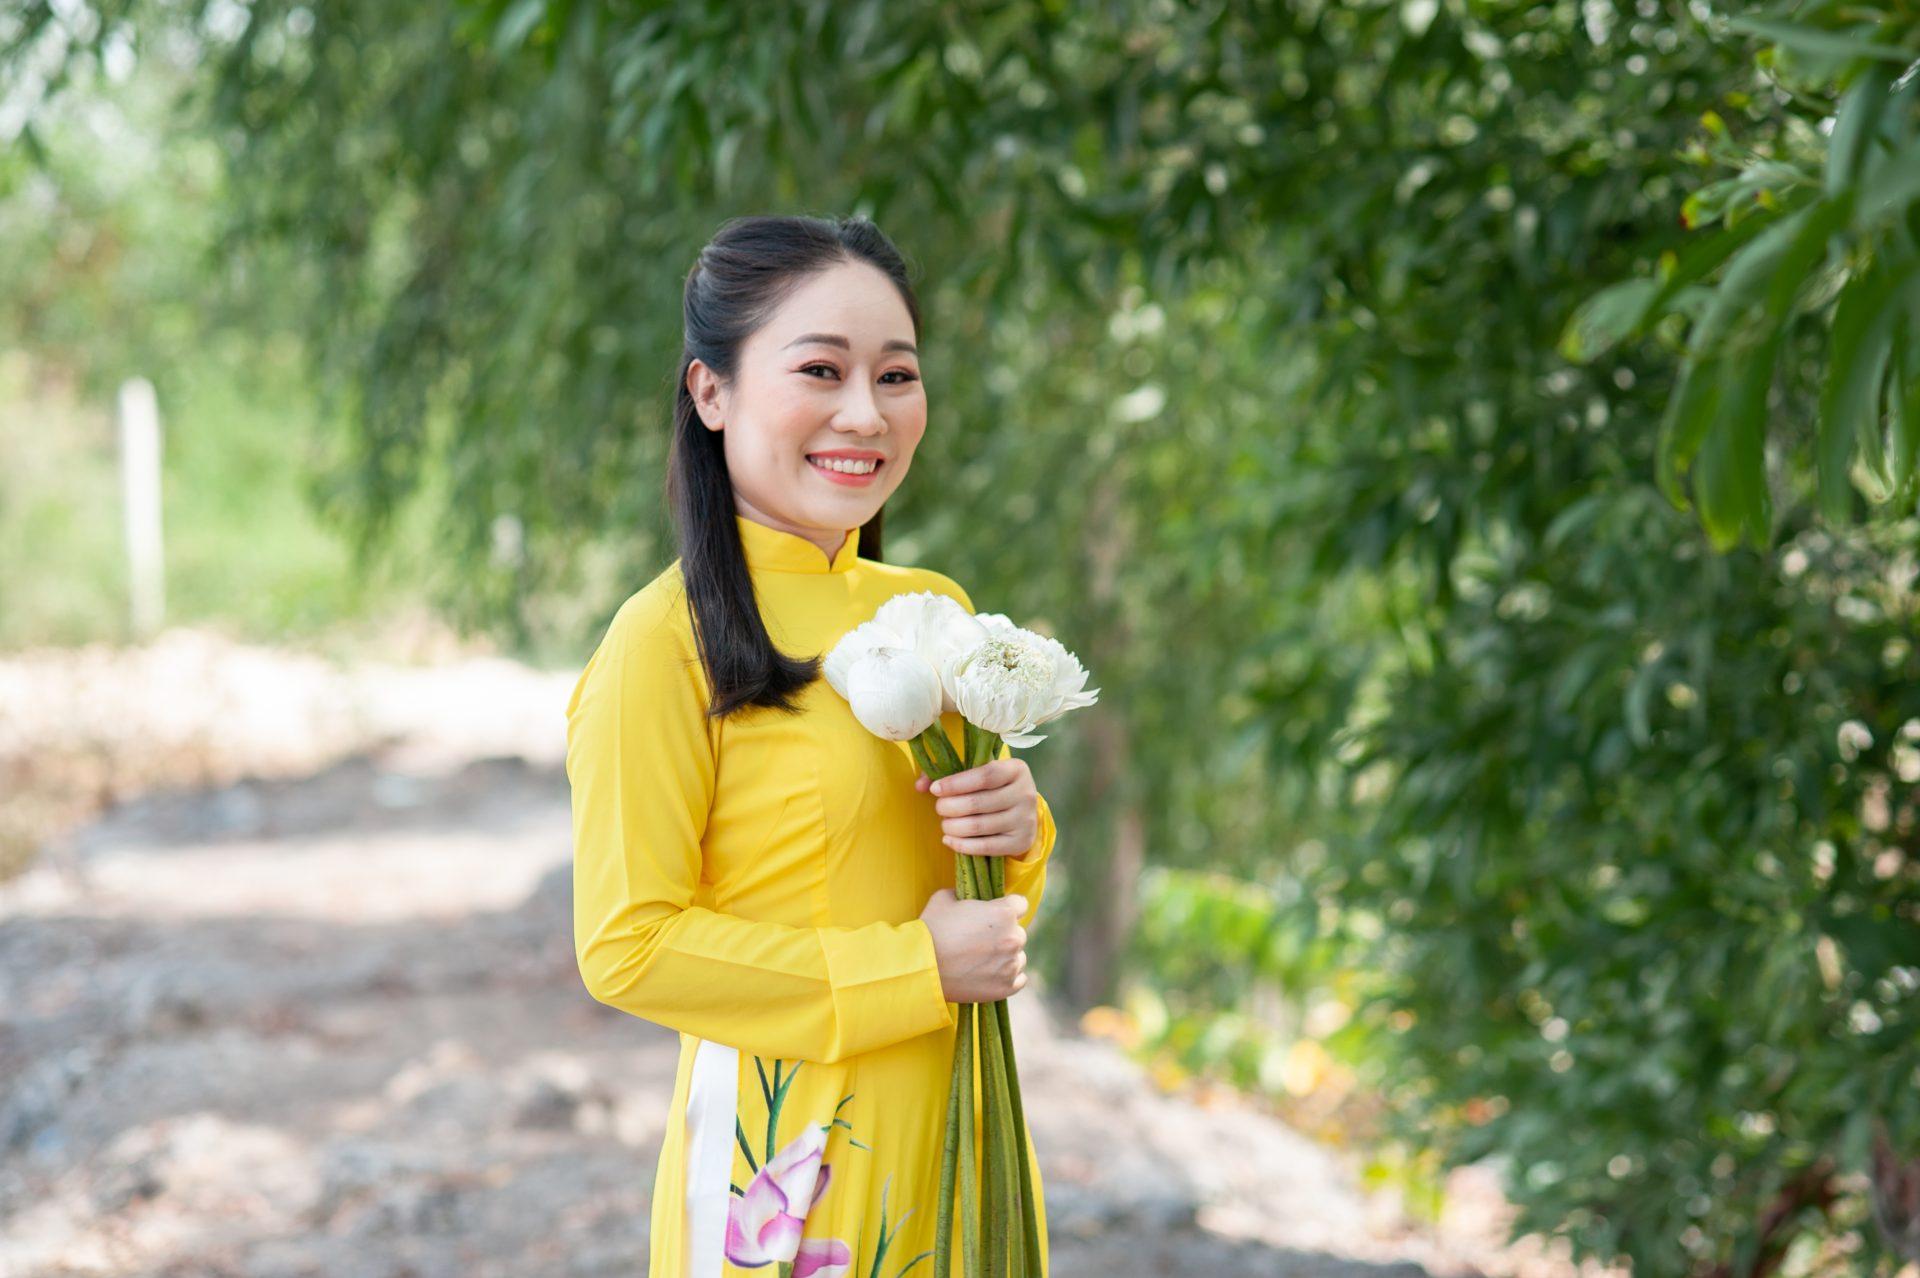 chụp ảnh áo dài với hoa sen